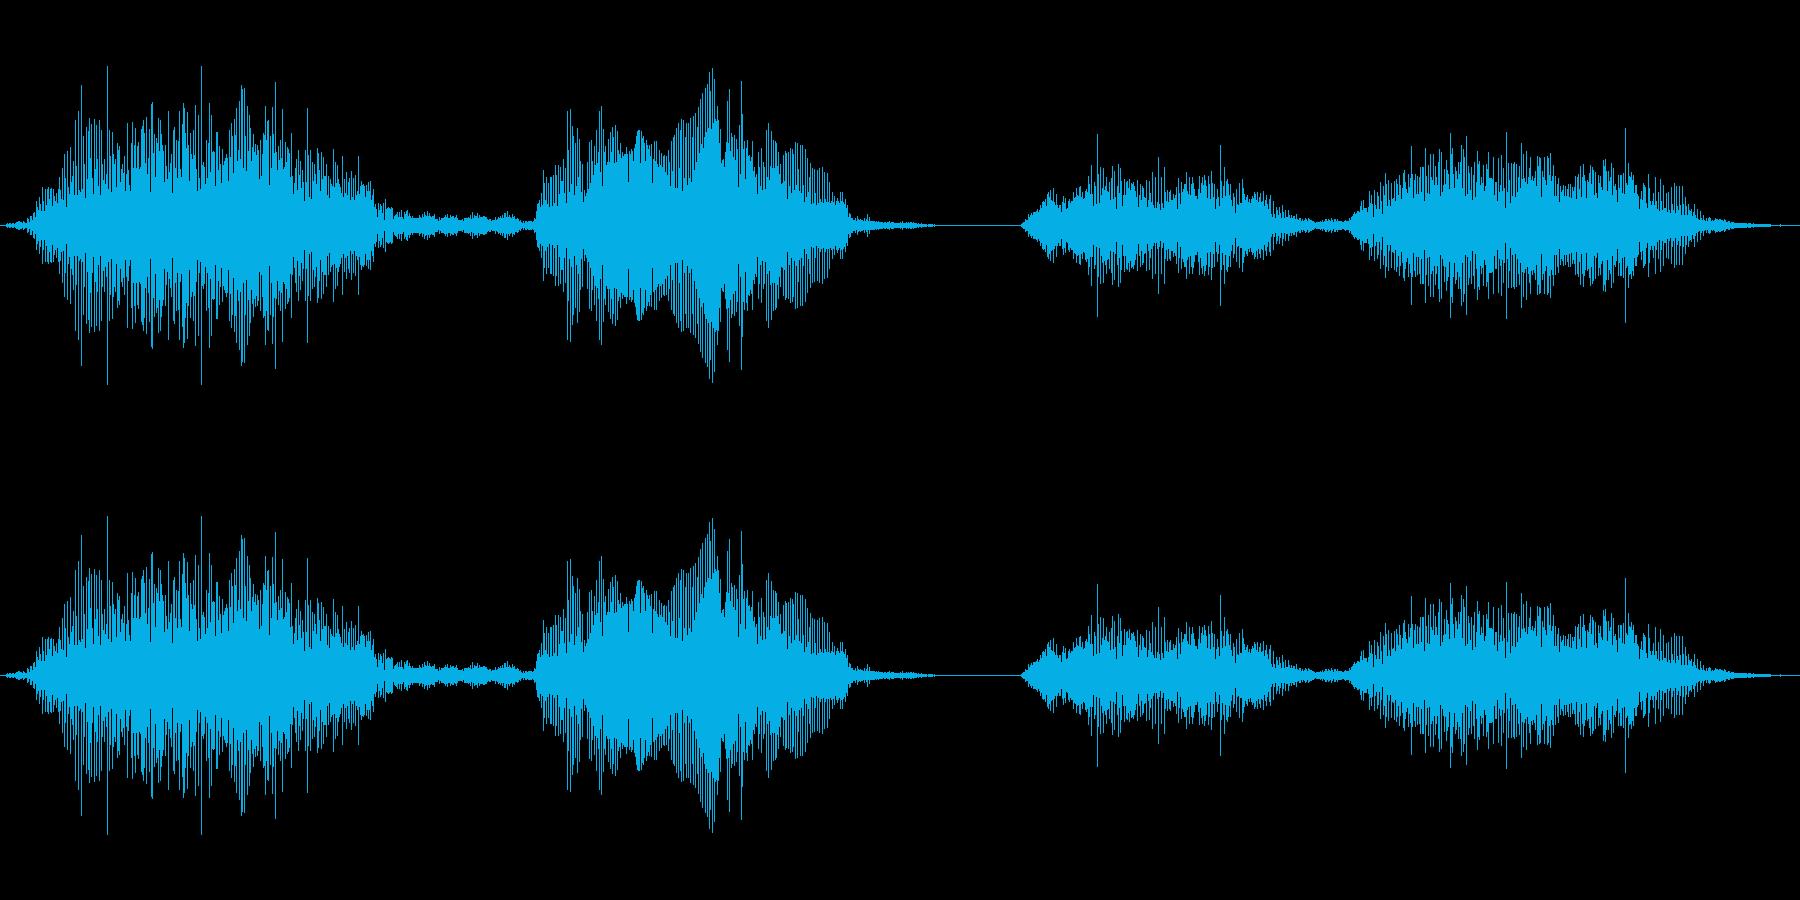 「がんばってね」の再生済みの波形